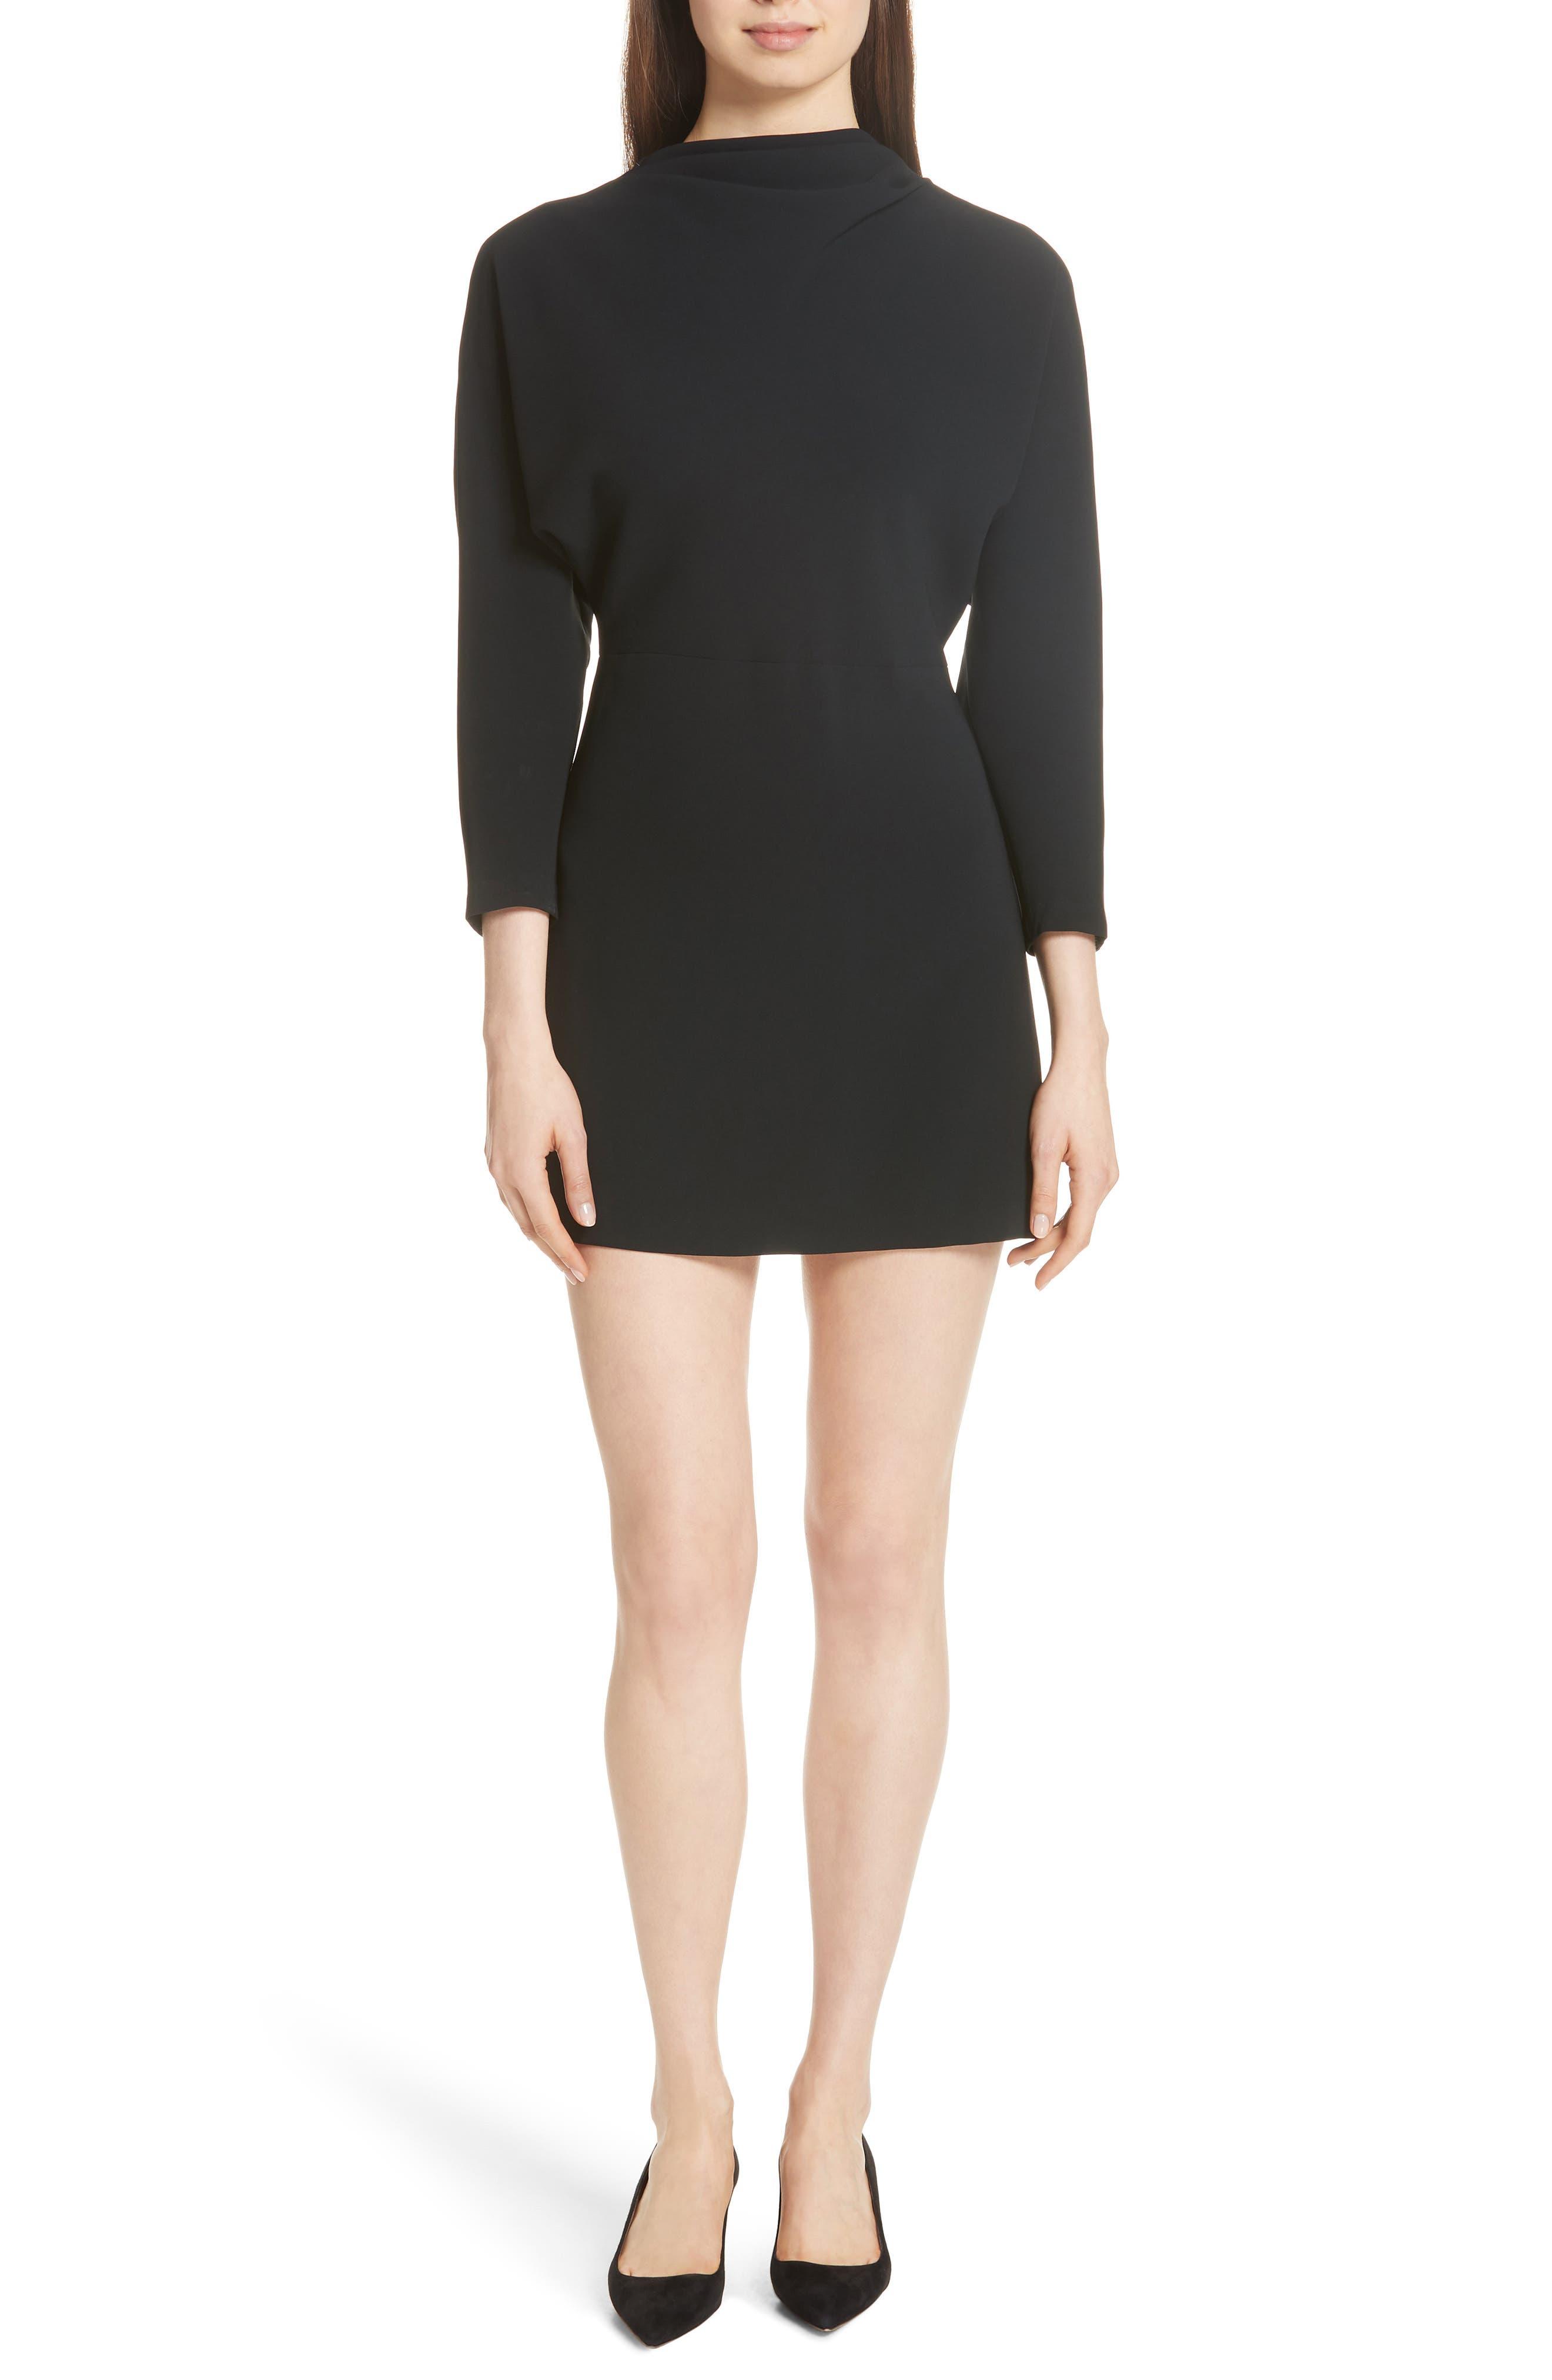 A.l.c. Marin Dolman Dress